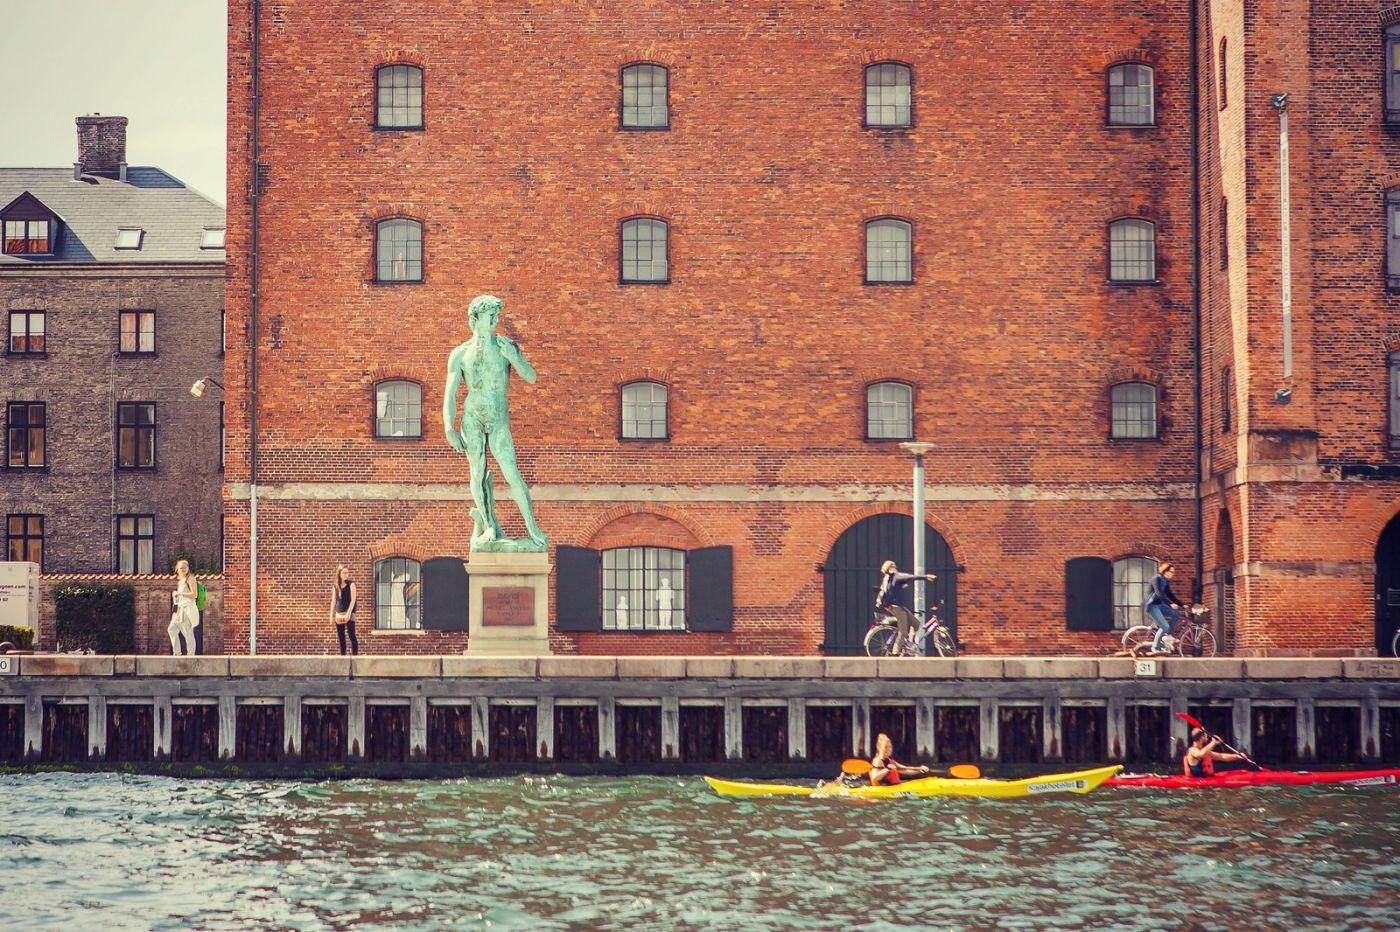 丹麦哥本哈根,新旧融合的城市_图1-5